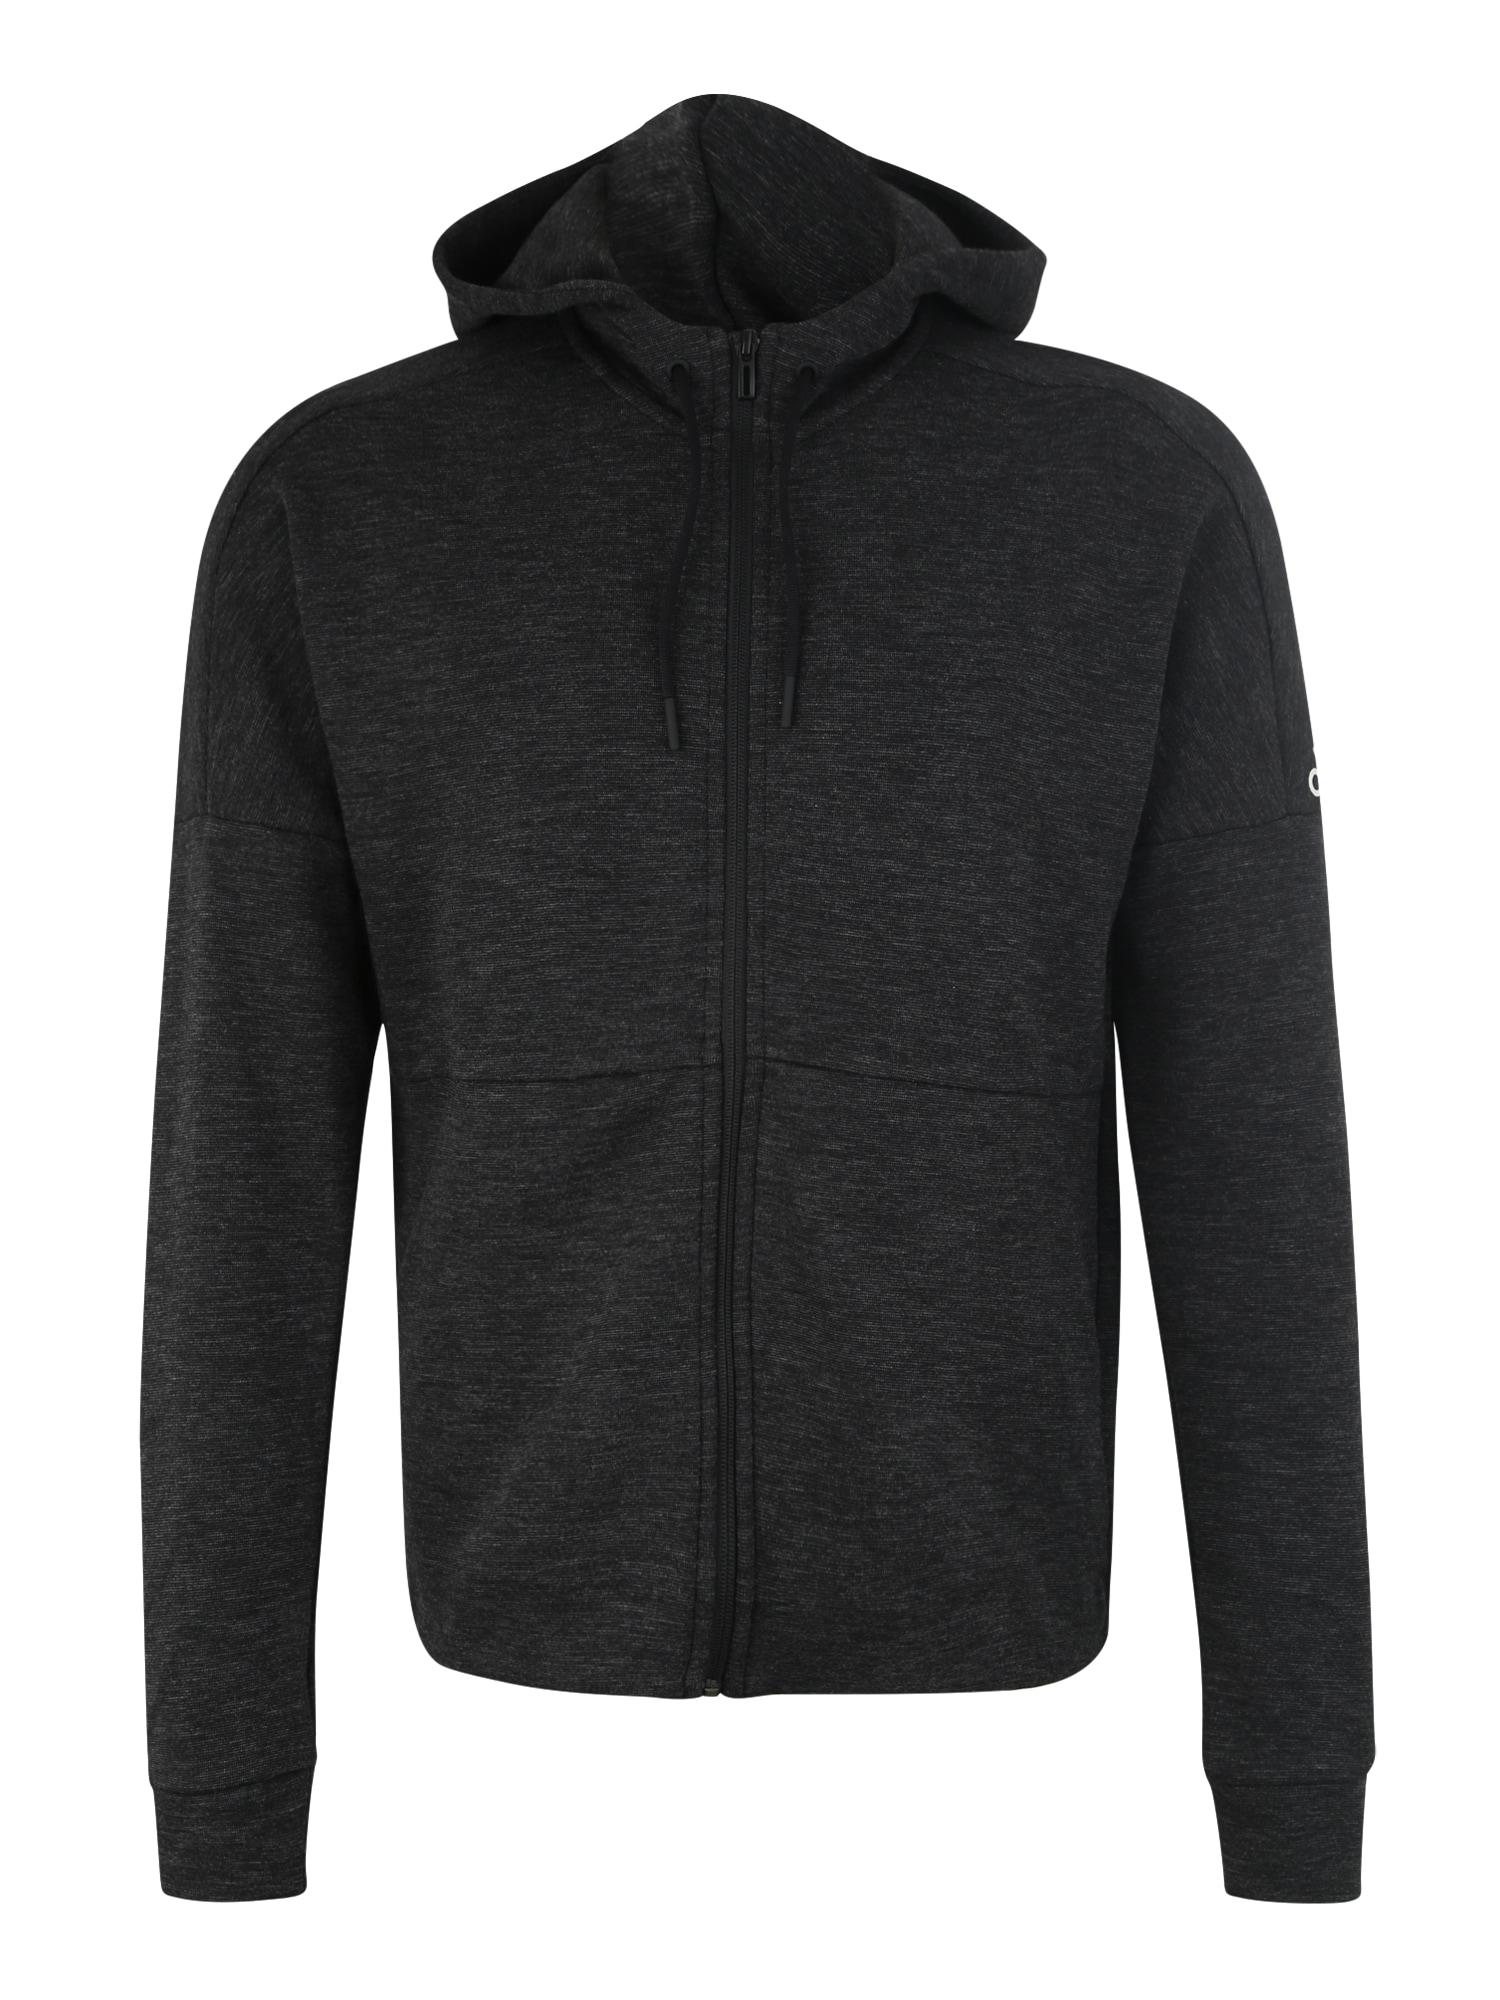 ADIDAS PERFORMANCE Sportinis džemperis margai juoda